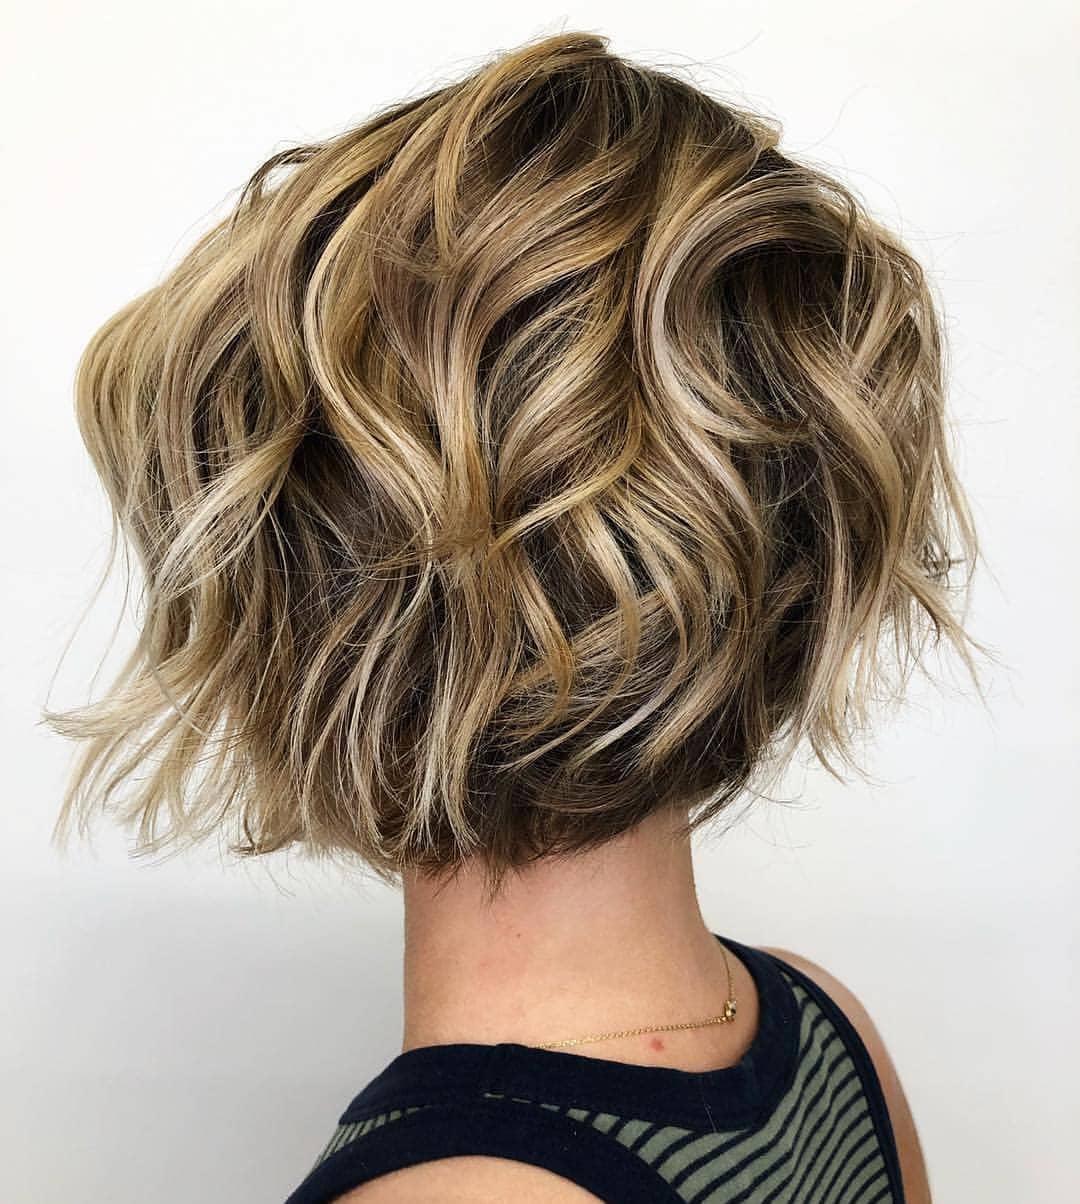 Bob diplômé : Femme avec une coiffure de bob diplômé courte et houleuse dans un studio